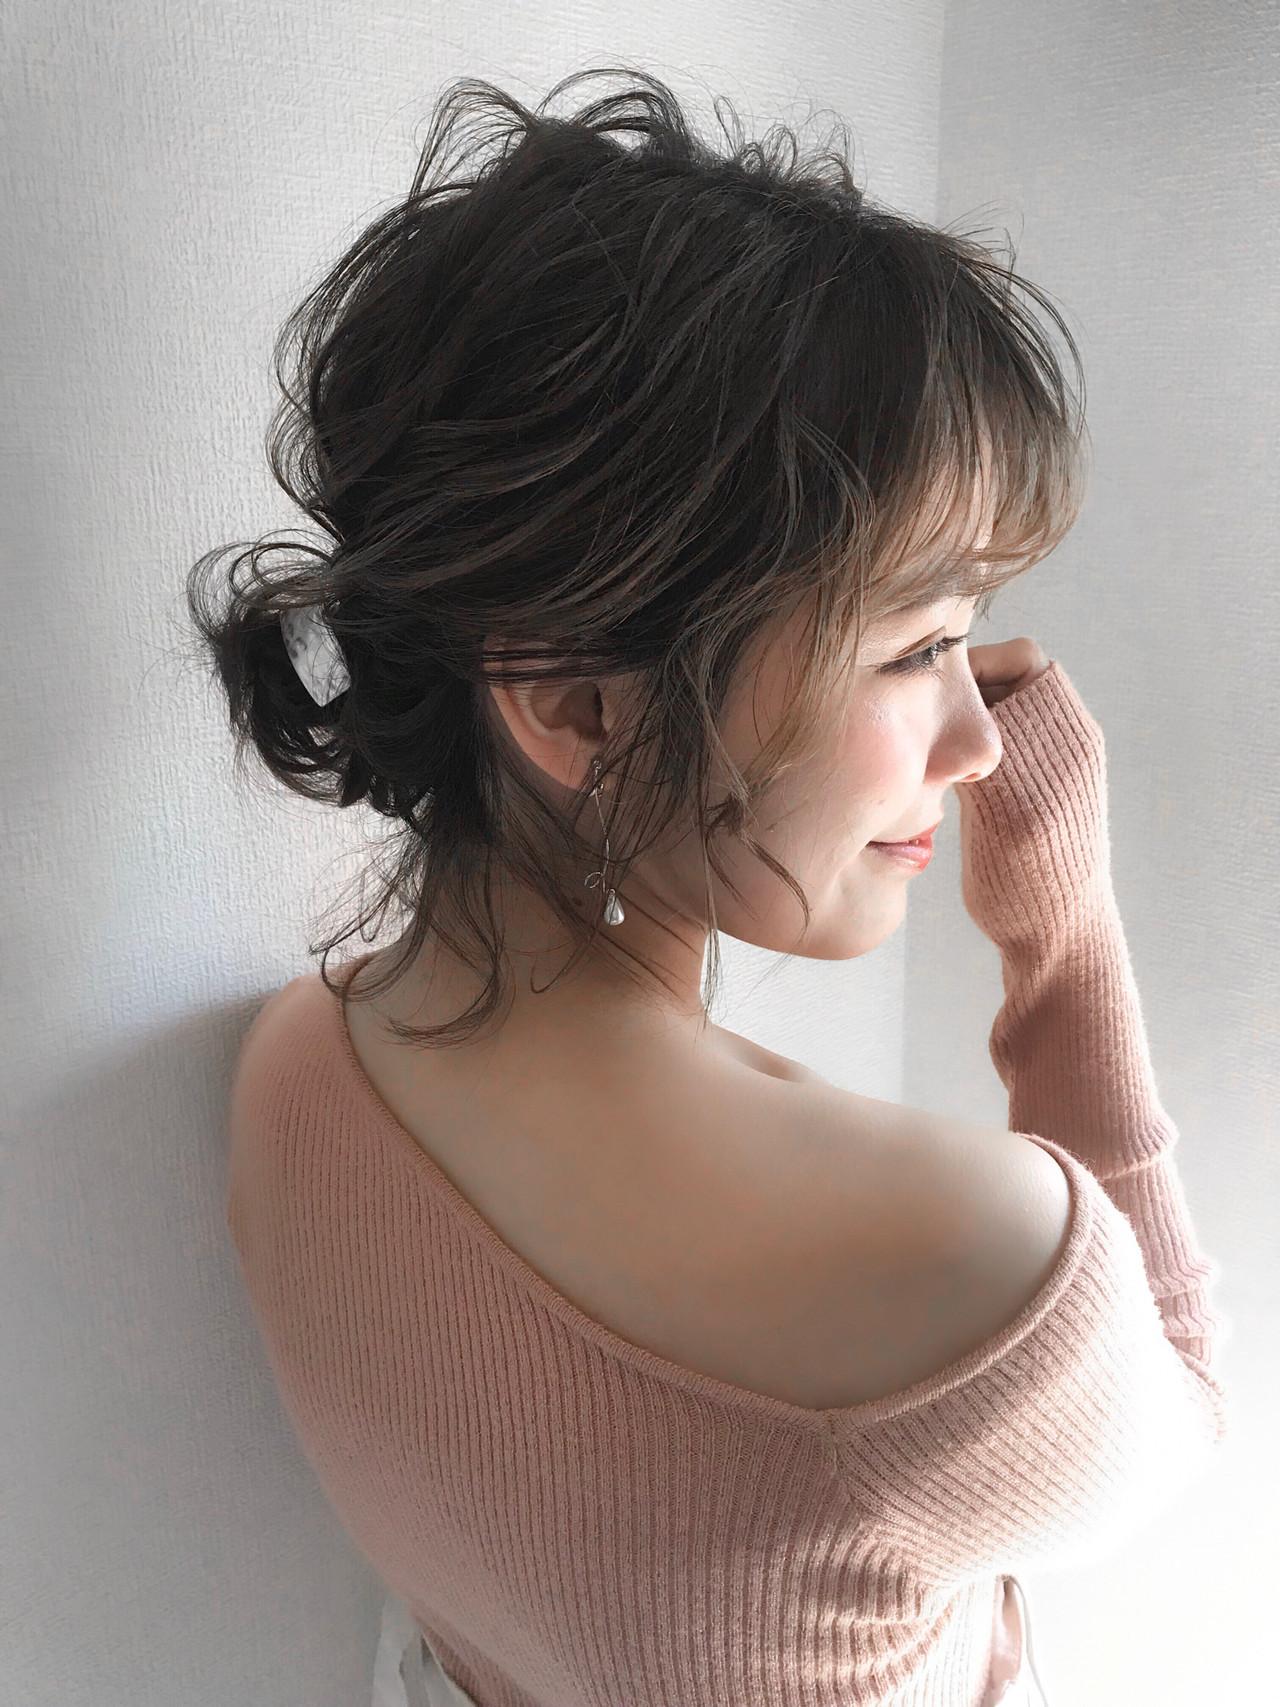 デート ナチュラル ヘアアレンジ 結婚式 ヘアスタイルや髪型の写真・画像 | 三木 奨太 / hair set salon  IRIS